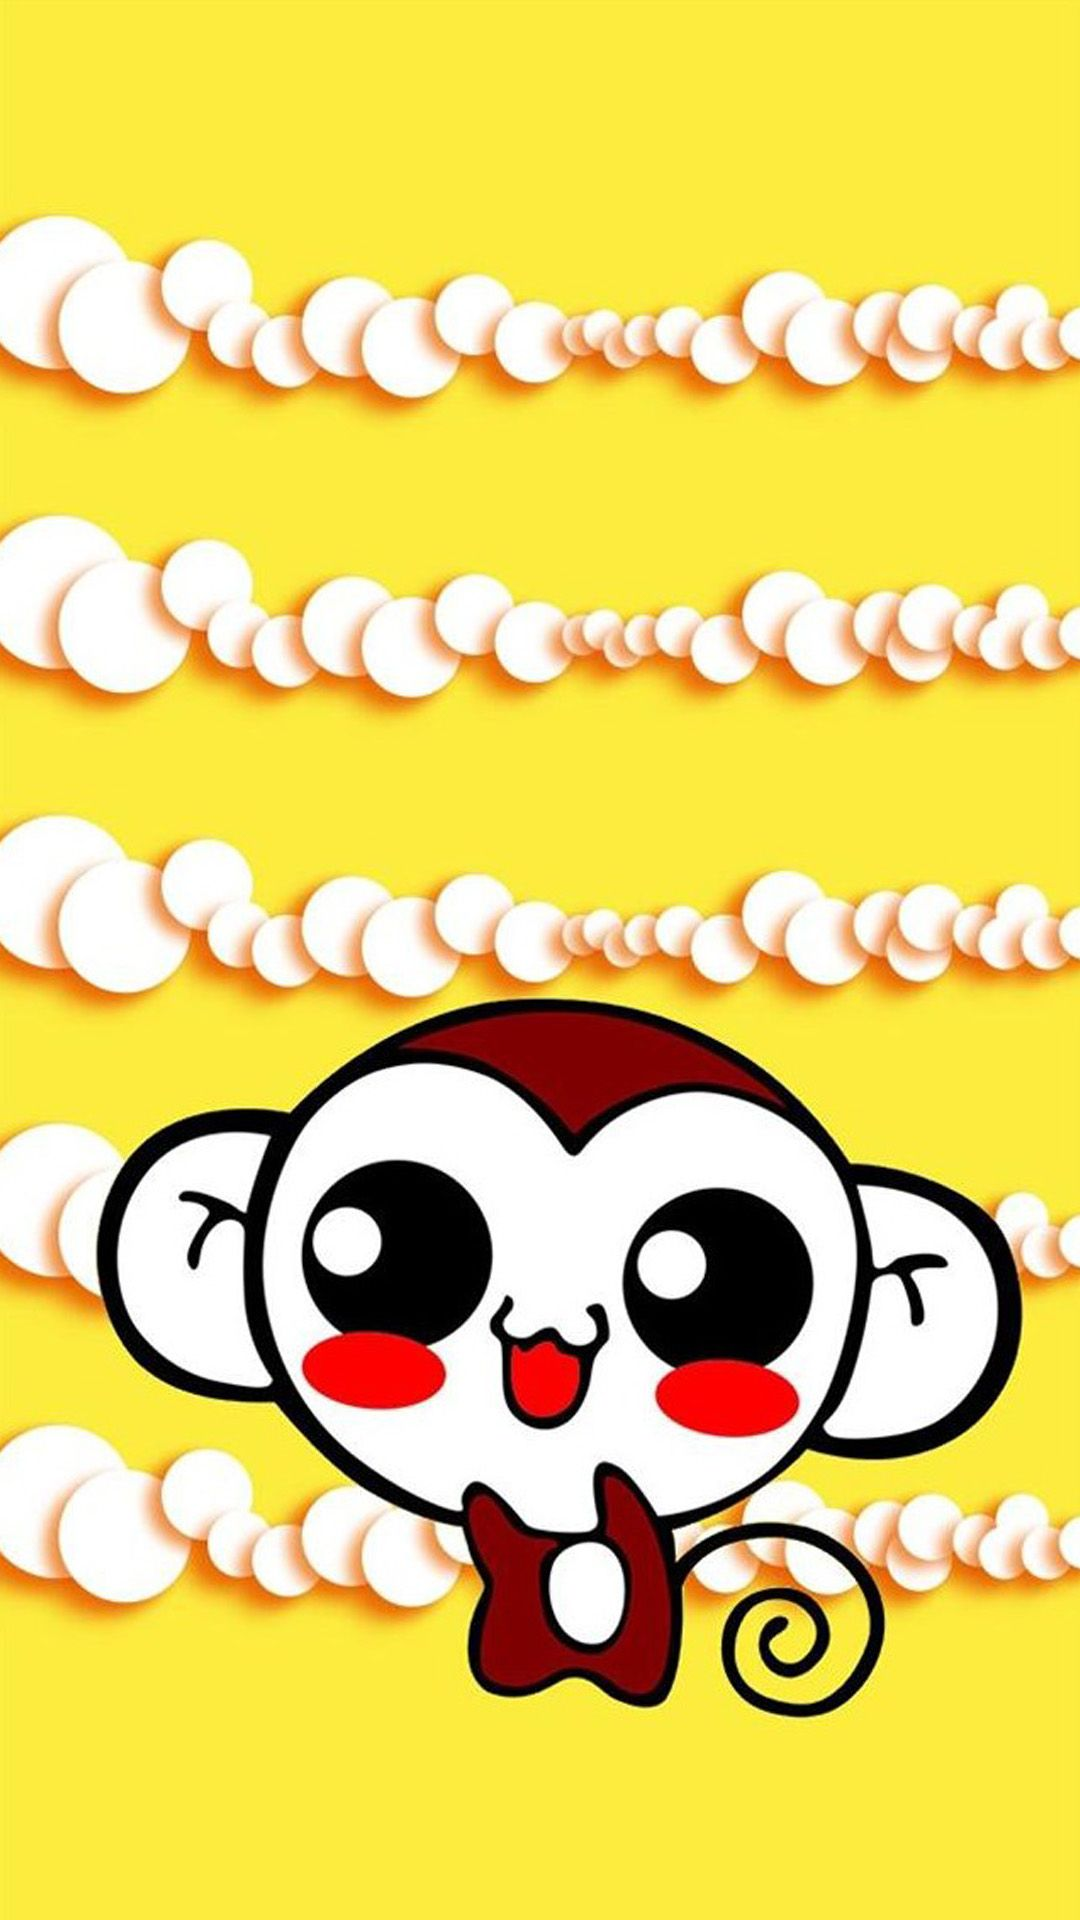 Cute Sweet Hippie Monkey IPhone 6 Plus Wallpaper